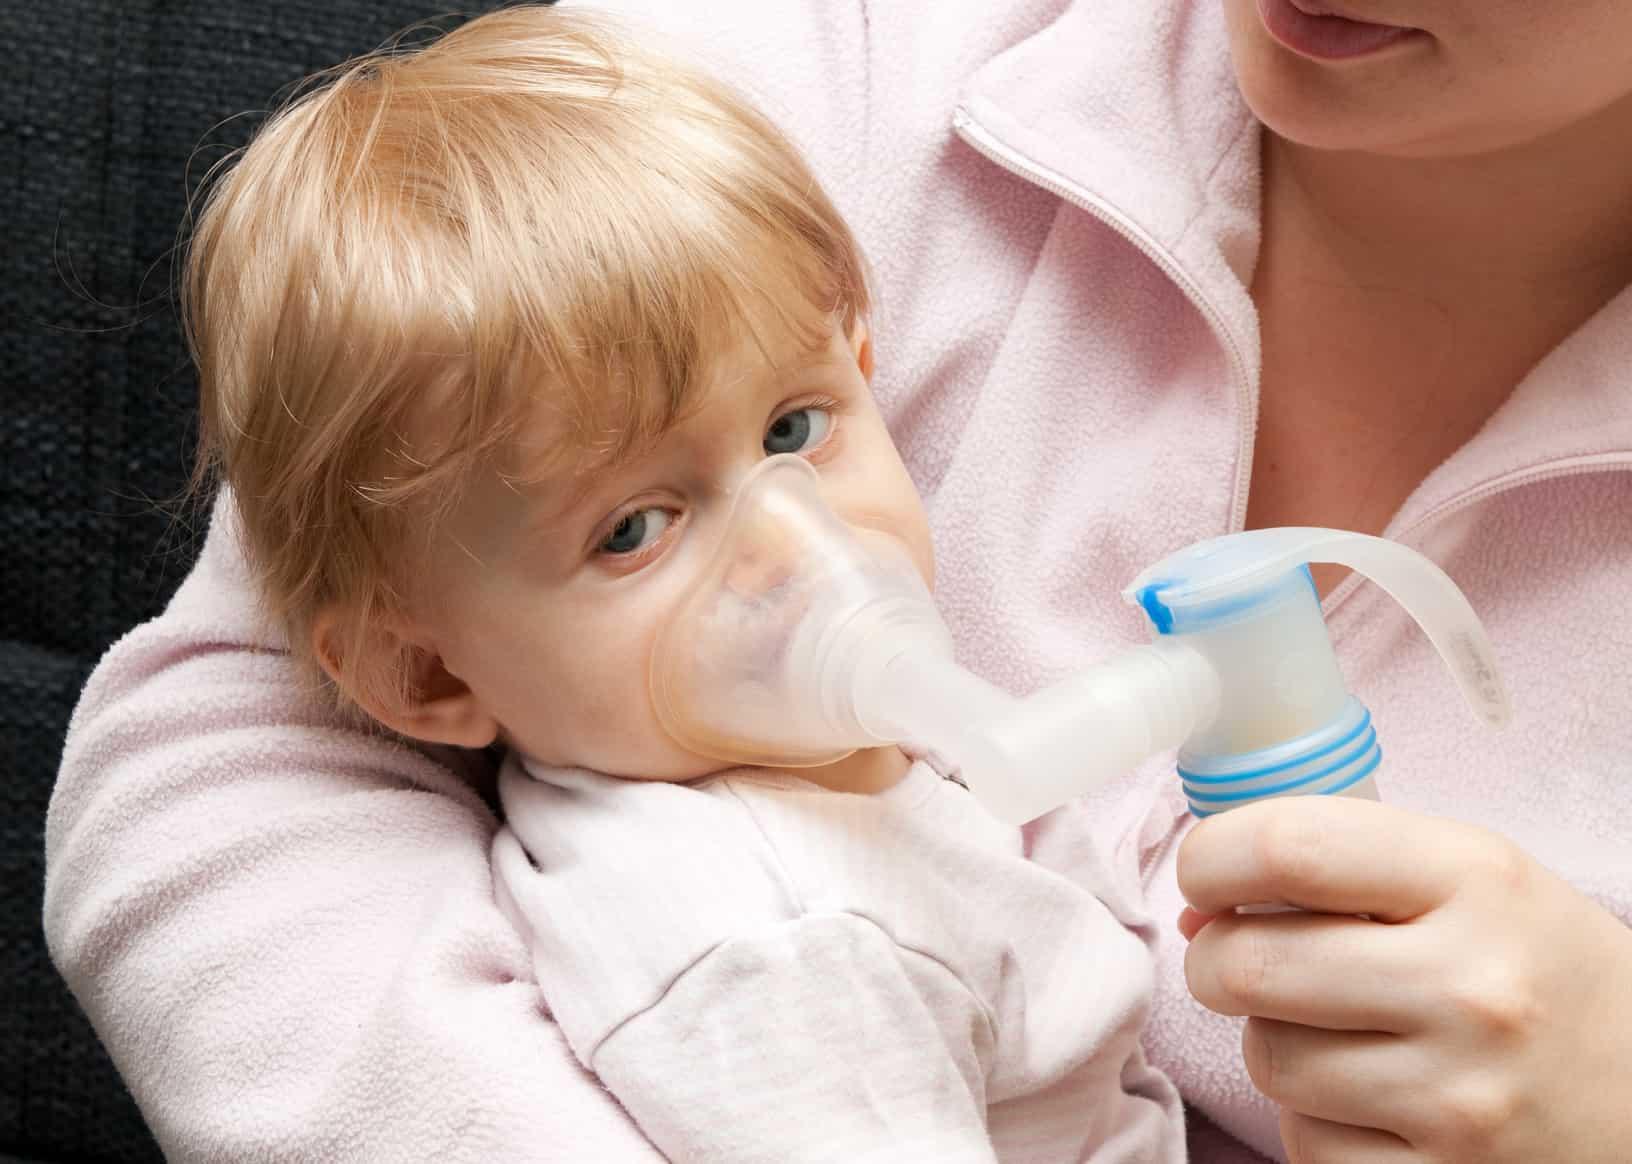 الالتهاب الرئوي عند الأطفال